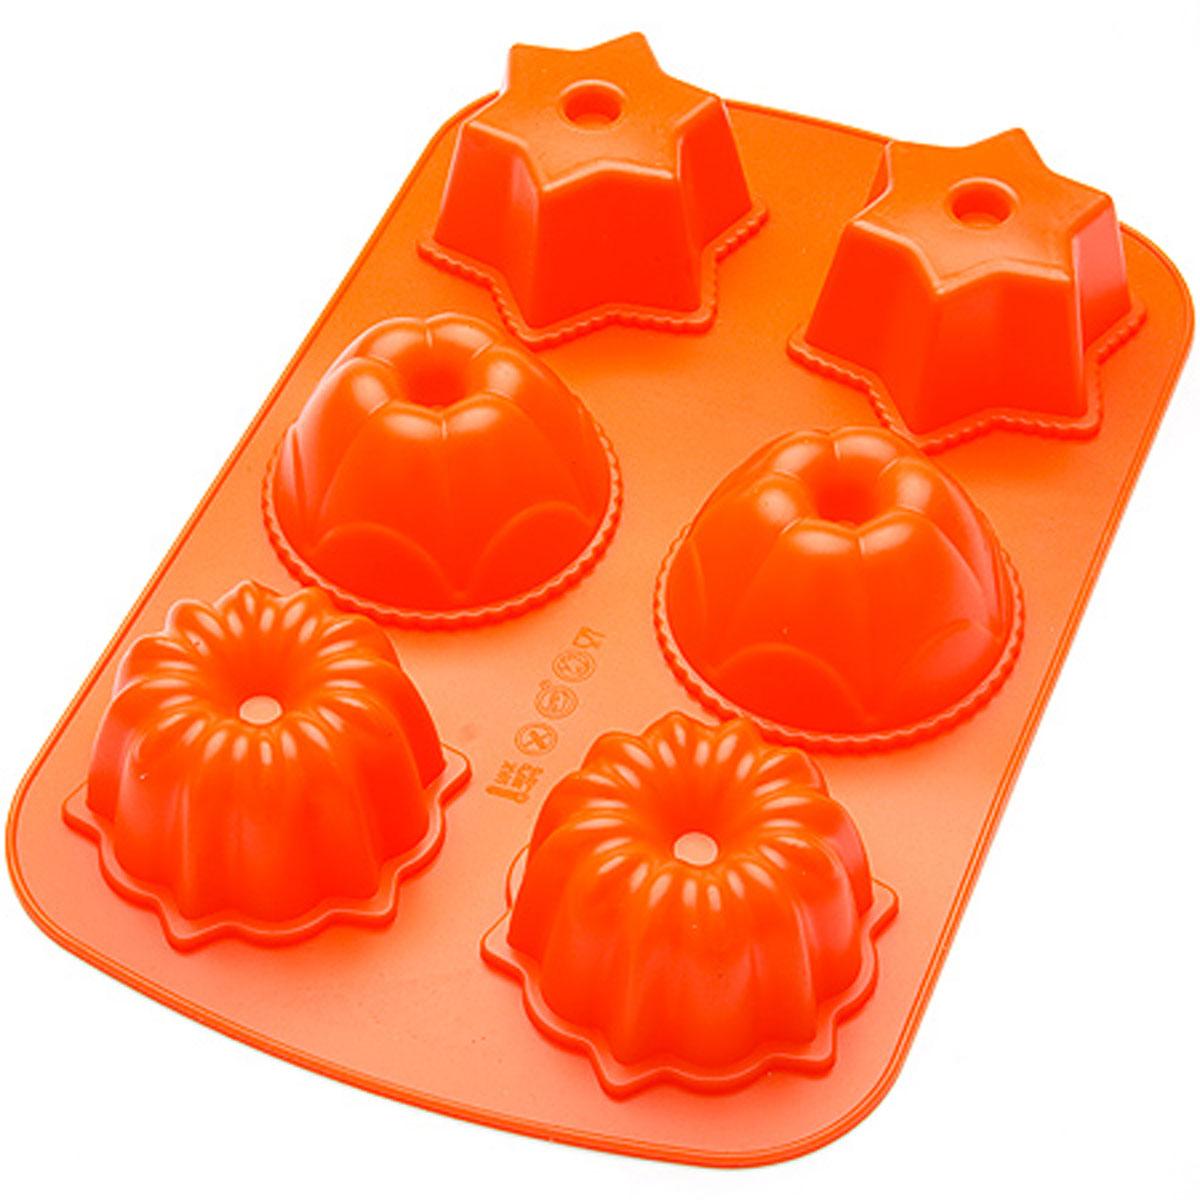 24636 Форма для выпечки 33,5х21см силикон МВ (х24)24636Форма для выпечки Материал: силикон. Размер: 33,5 х 21 х 4,7 см. Средний размер одной ячейки: 8,5 х 4,7 см. Количество ячеек: 6 шт. Вес: 219 г. Форма для выпечки и заморозки Mayer & Boch выполнена из силикона и предназначена для изготовления конфет, мармелада, желе, льда и выпечки. На одном листе расположено 6 небольших ячеек различной формы. Оригинальный способ подачи изделий не оставит равнодушными родных и друзей. Силиконовые формы выдерживают высокие и низкие температуры (от -40°С до +230°С). Они эластичны, износостойки, легко моются, не горят и не тлеют, не впитывают запахи, не оставляют пятен. Силикон абсолютно безвреден для здоровья. Не используйте моющие средства, содержащие абразивы. Можно мыть в посудомоечной машине. Формы для выпечки и заморозки Mayer & Boch - отличный подарок! Они удобны и необходимы любой хозяйке!